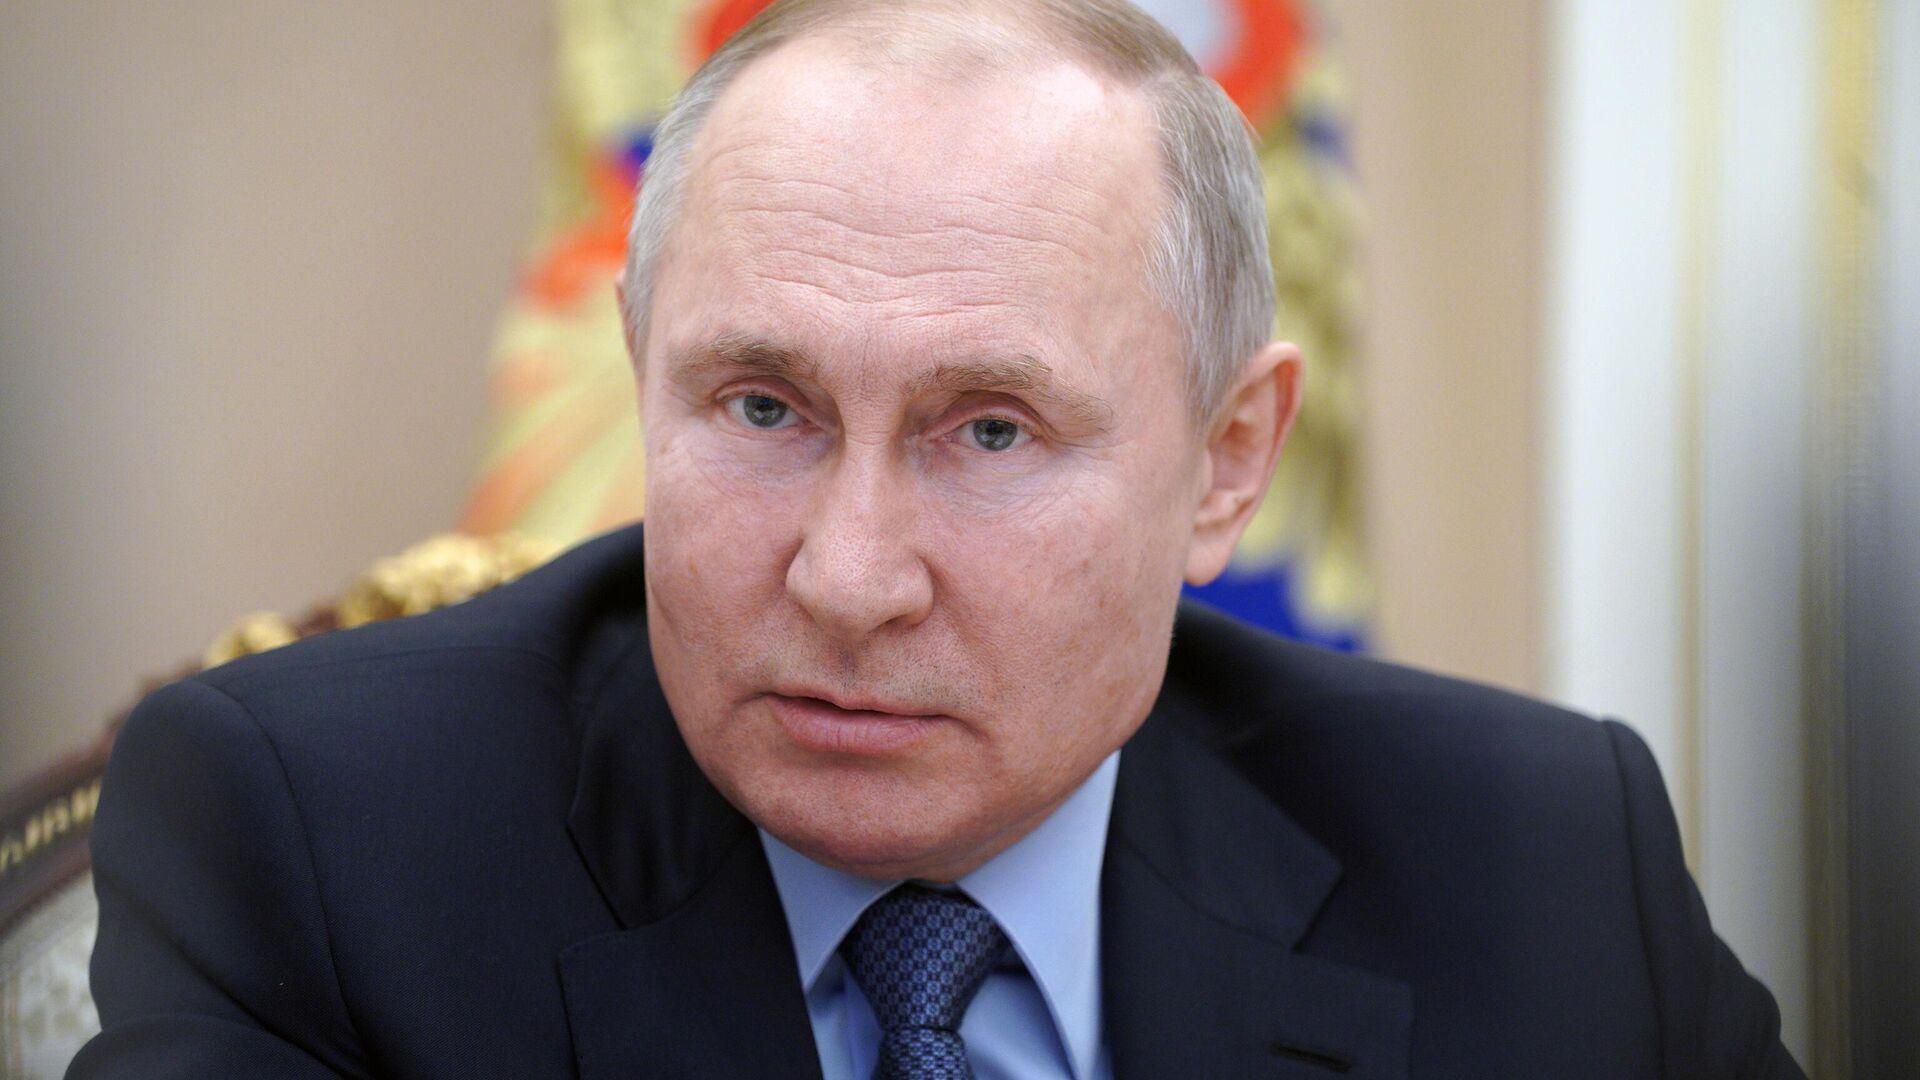 Президент РФ Владимир Путин проводит в режиме видеоконференции совещание по вопросам развития угольной отрасли - РИА Новости, 1920, 03.03.2021